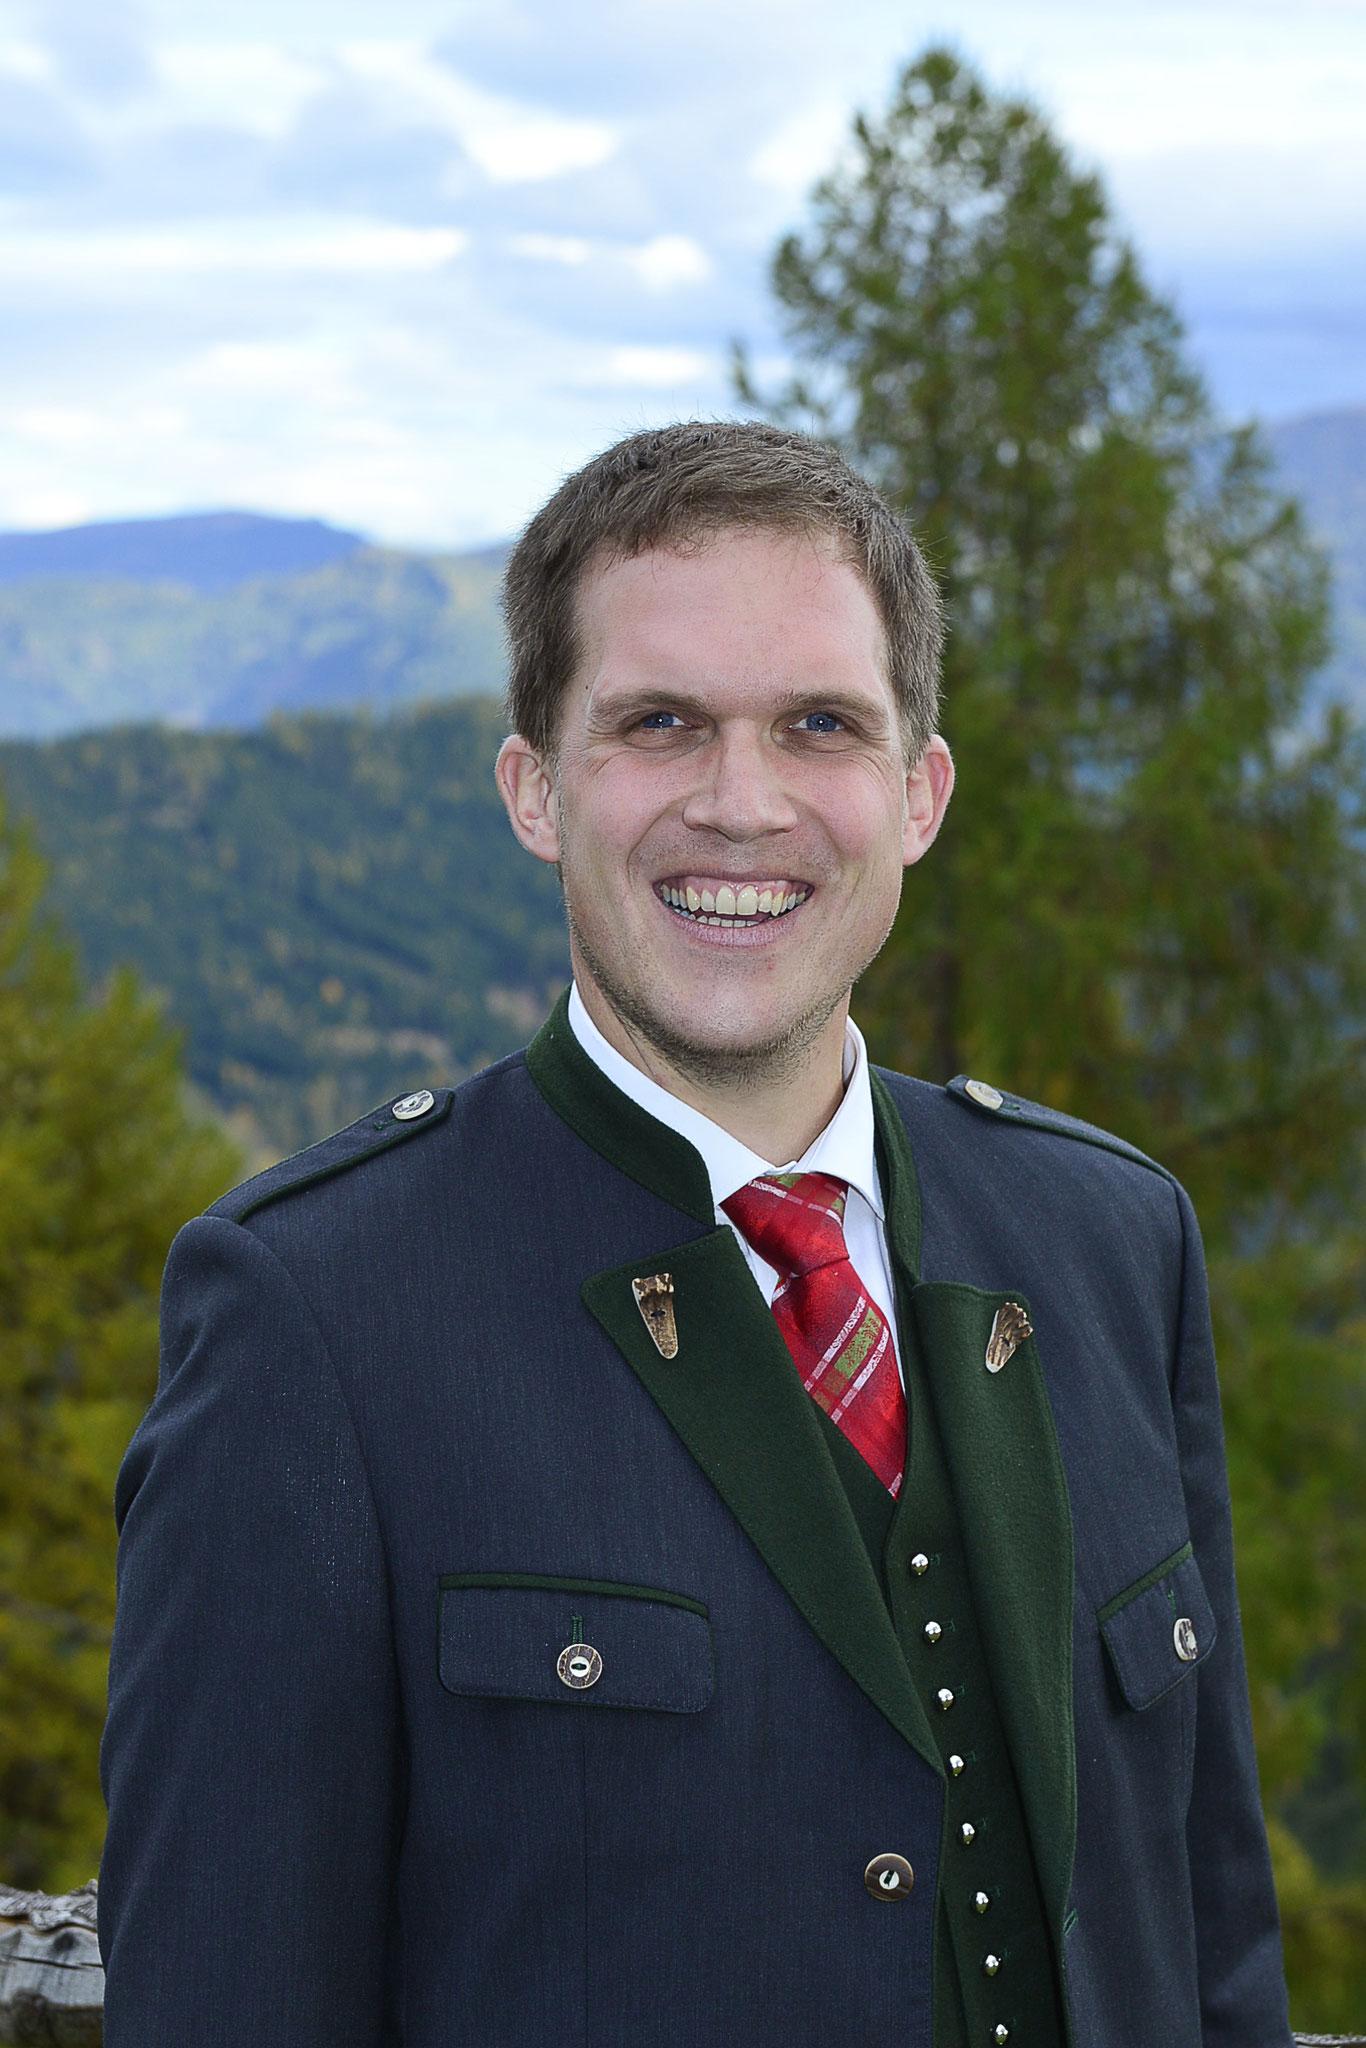 Johannes Würtz